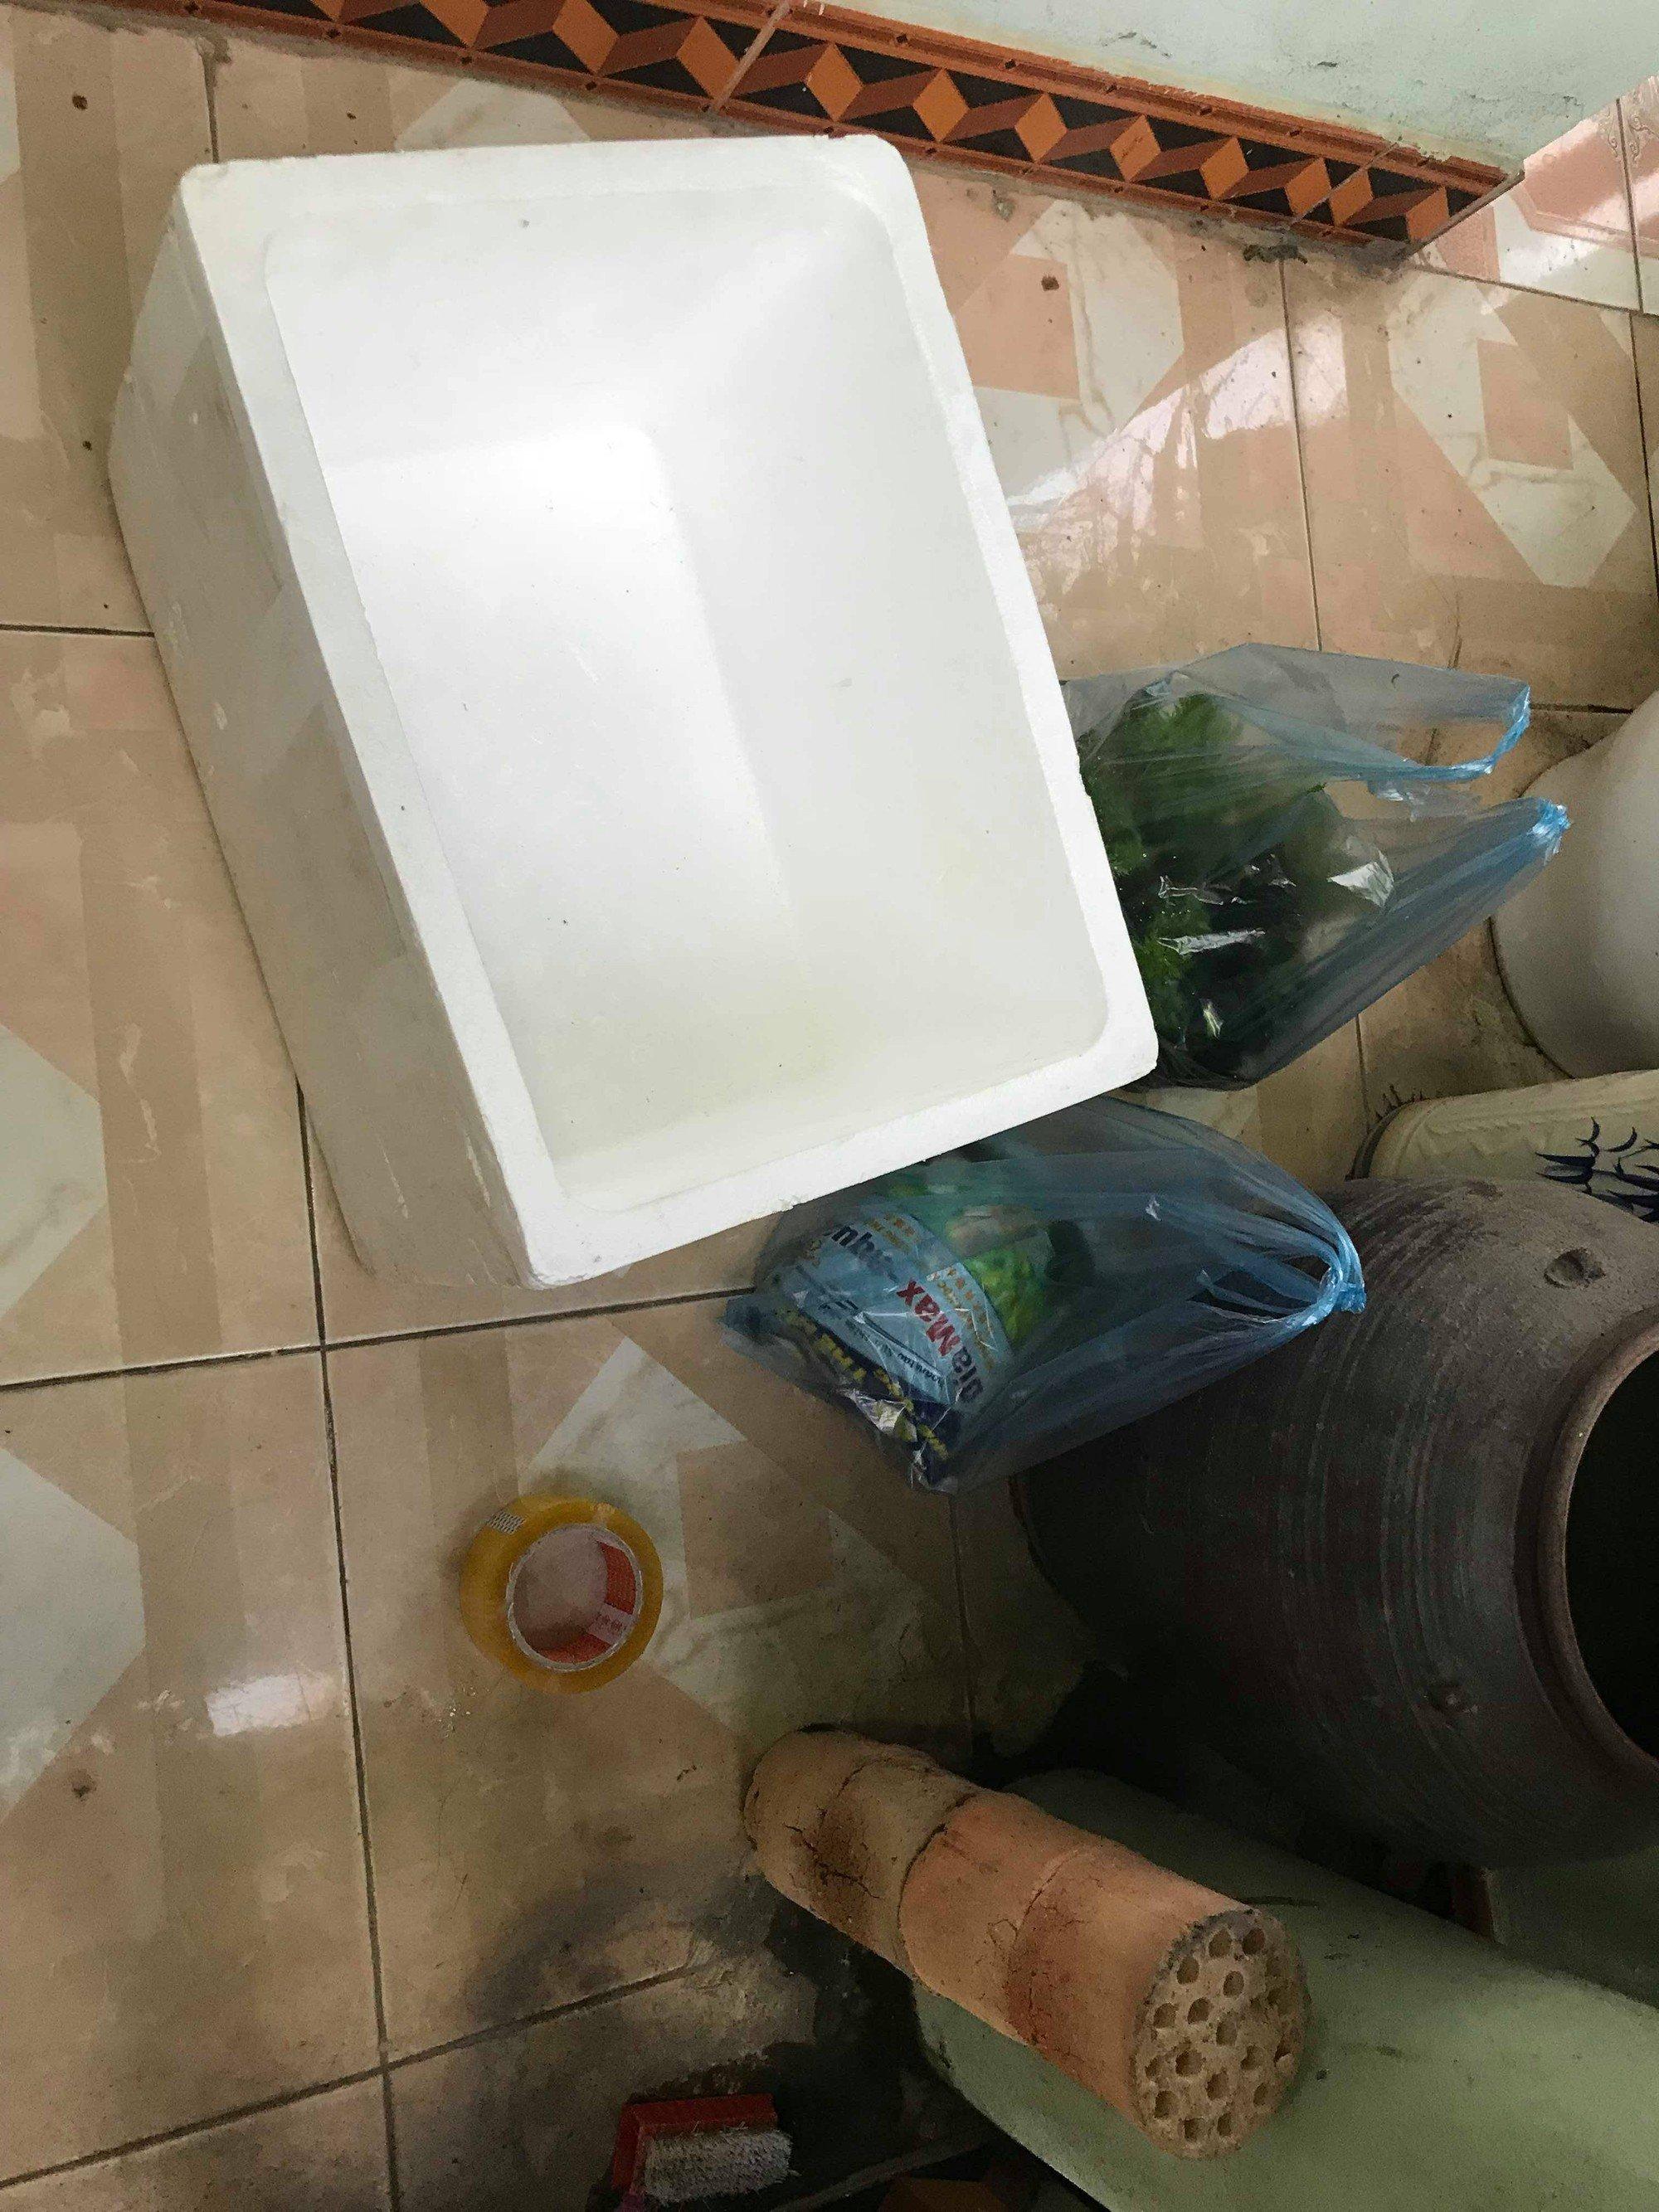 Góc khéo tay hay làm: Chán bể kính đắt tiền, thanh niên setup thùng xốp thủy sinh vừa chất lừ vừa tiết kiệm - Ảnh 4.